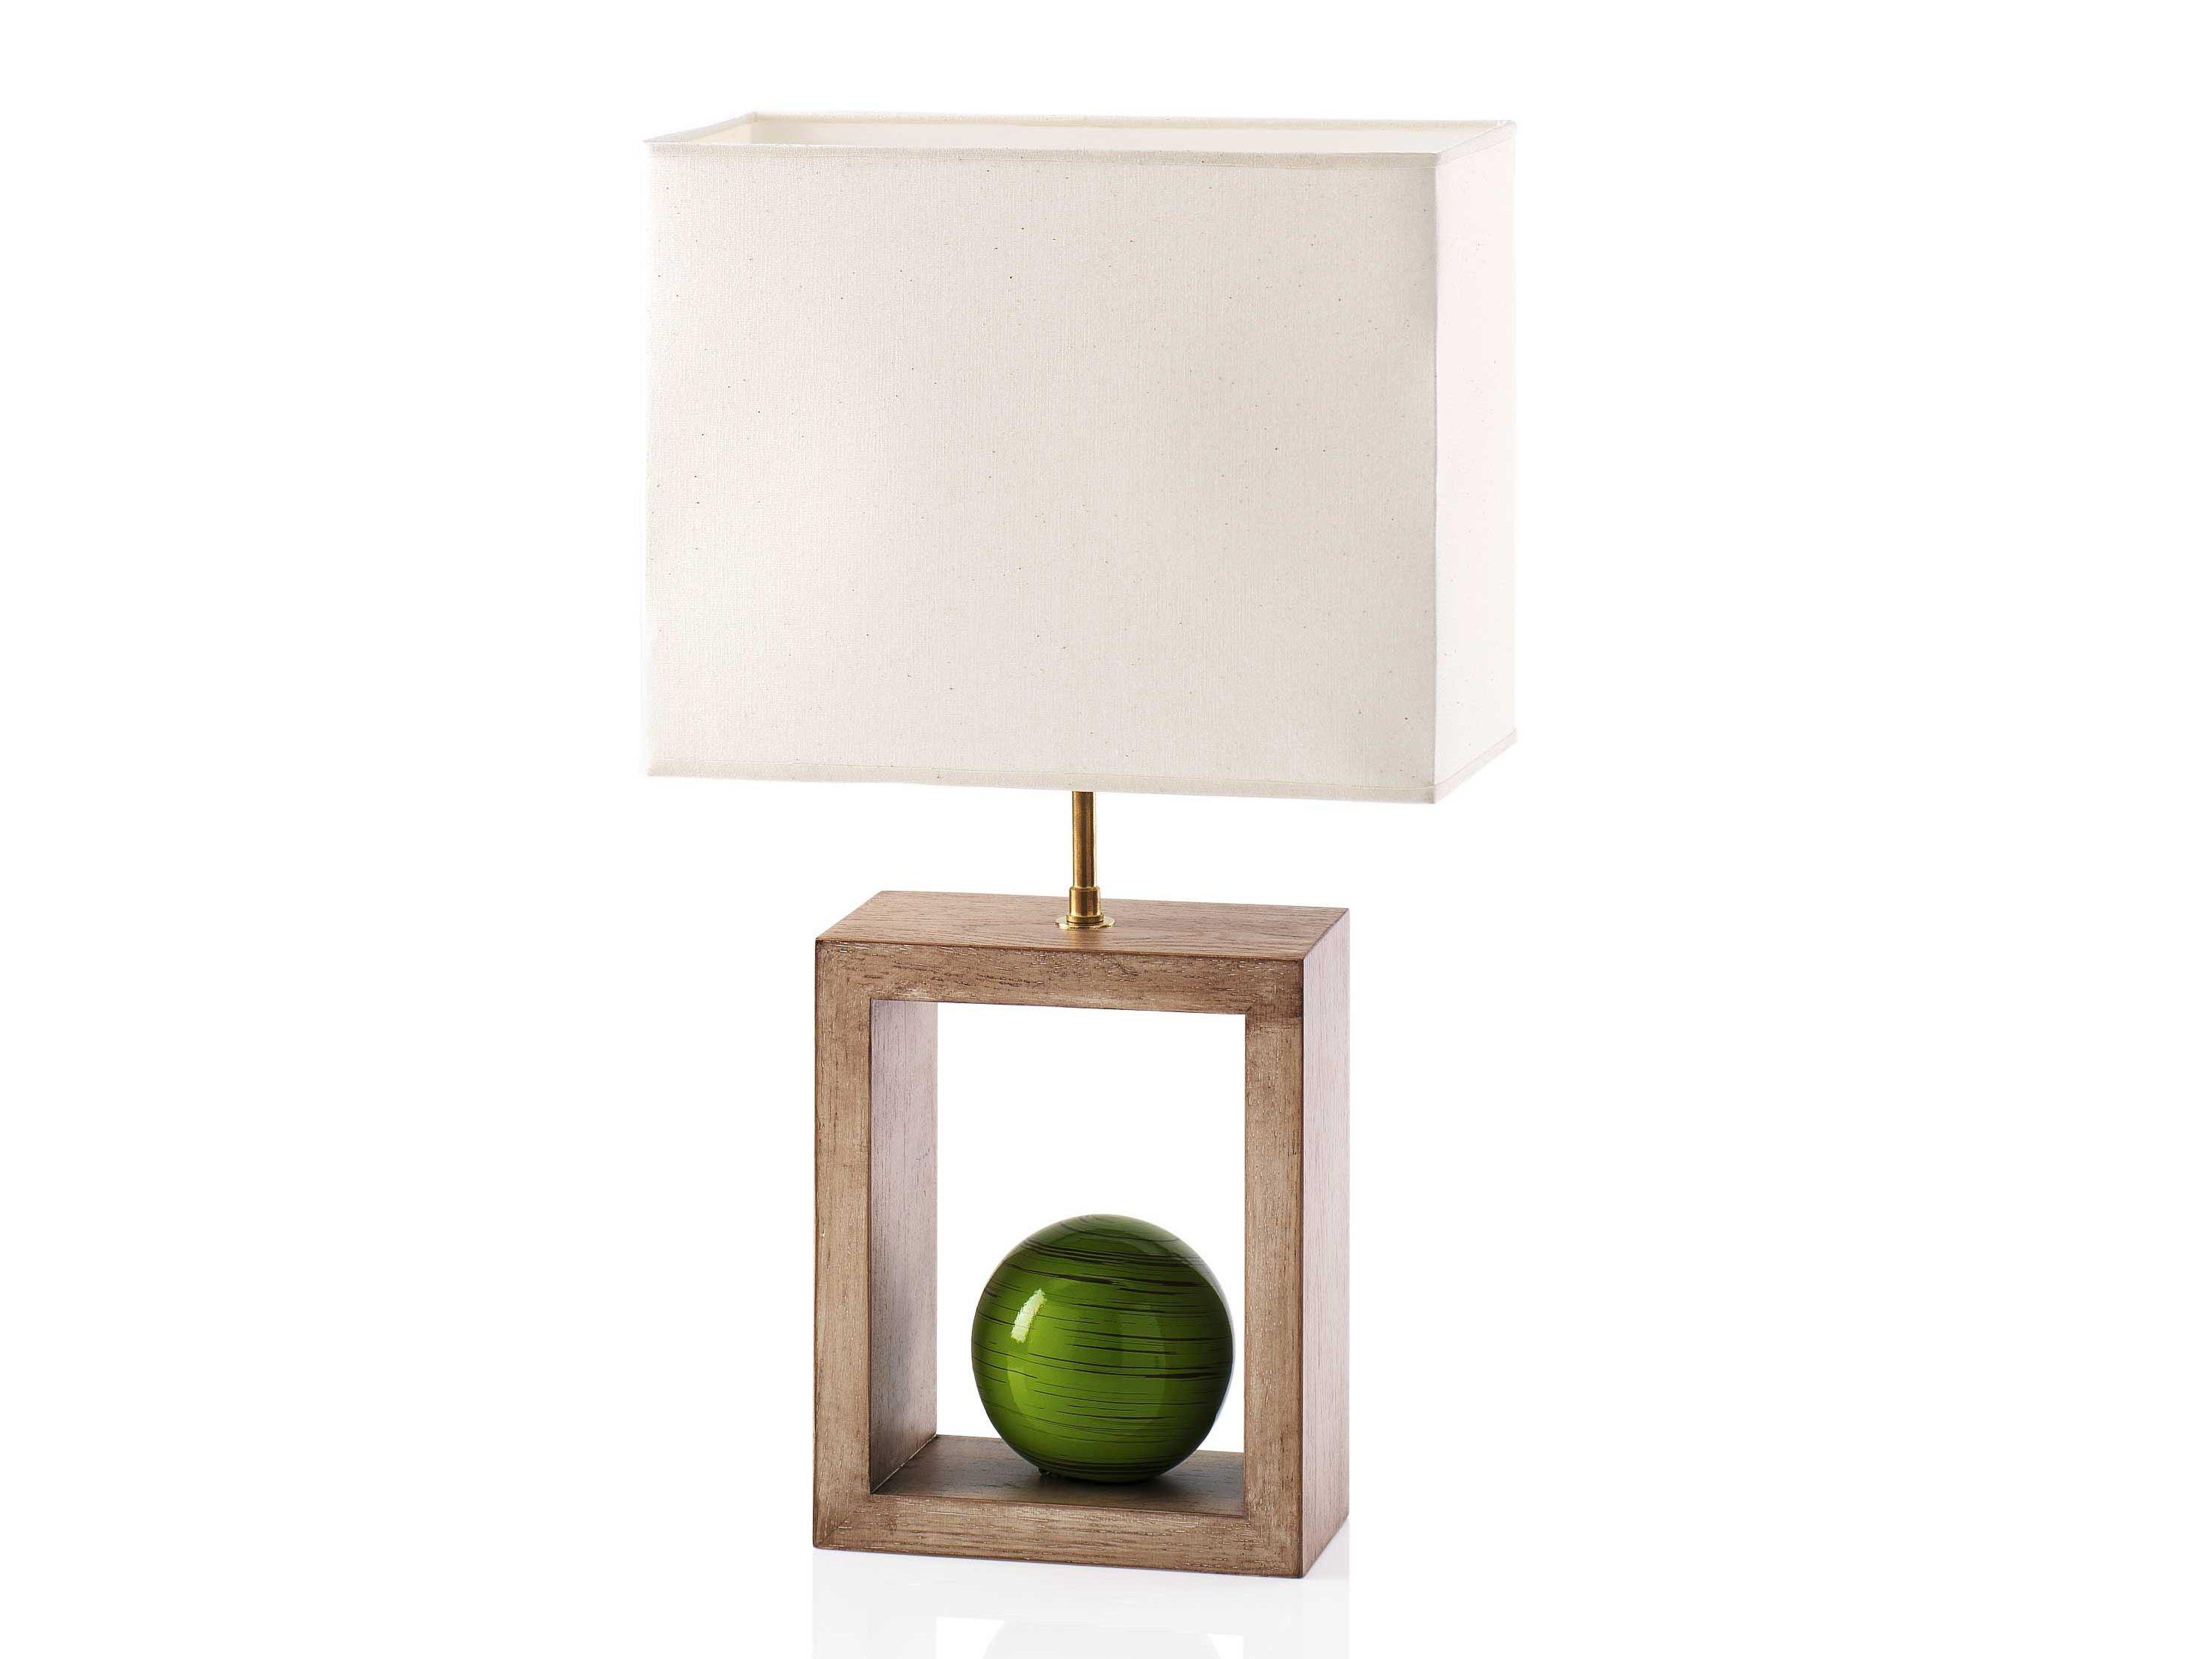 Lampada da tavolo in ceramica e legno BAMBOO by ENVY